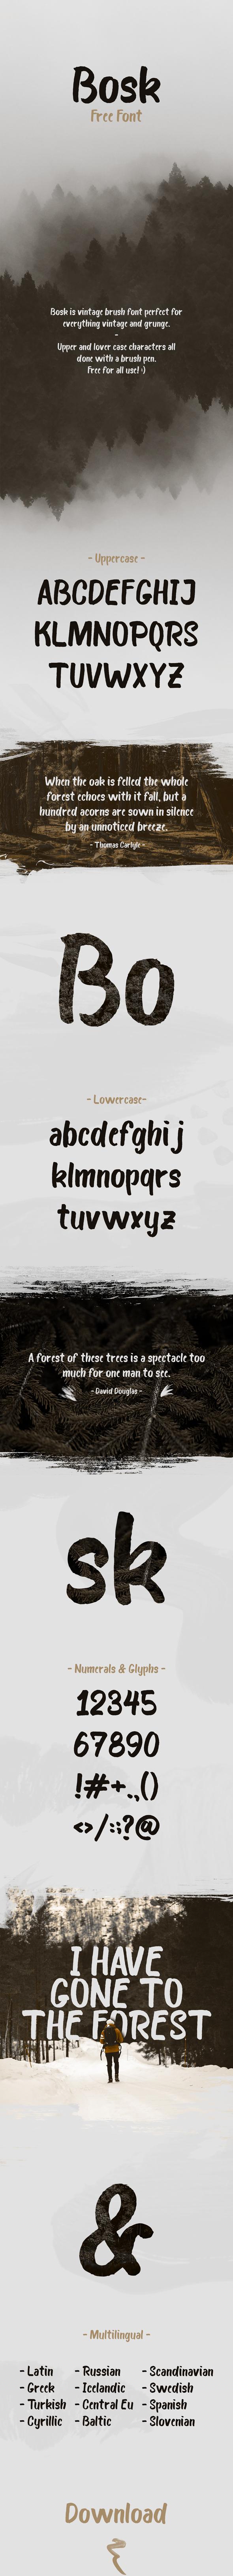 Bosk Brush Font - Hand-writing Script